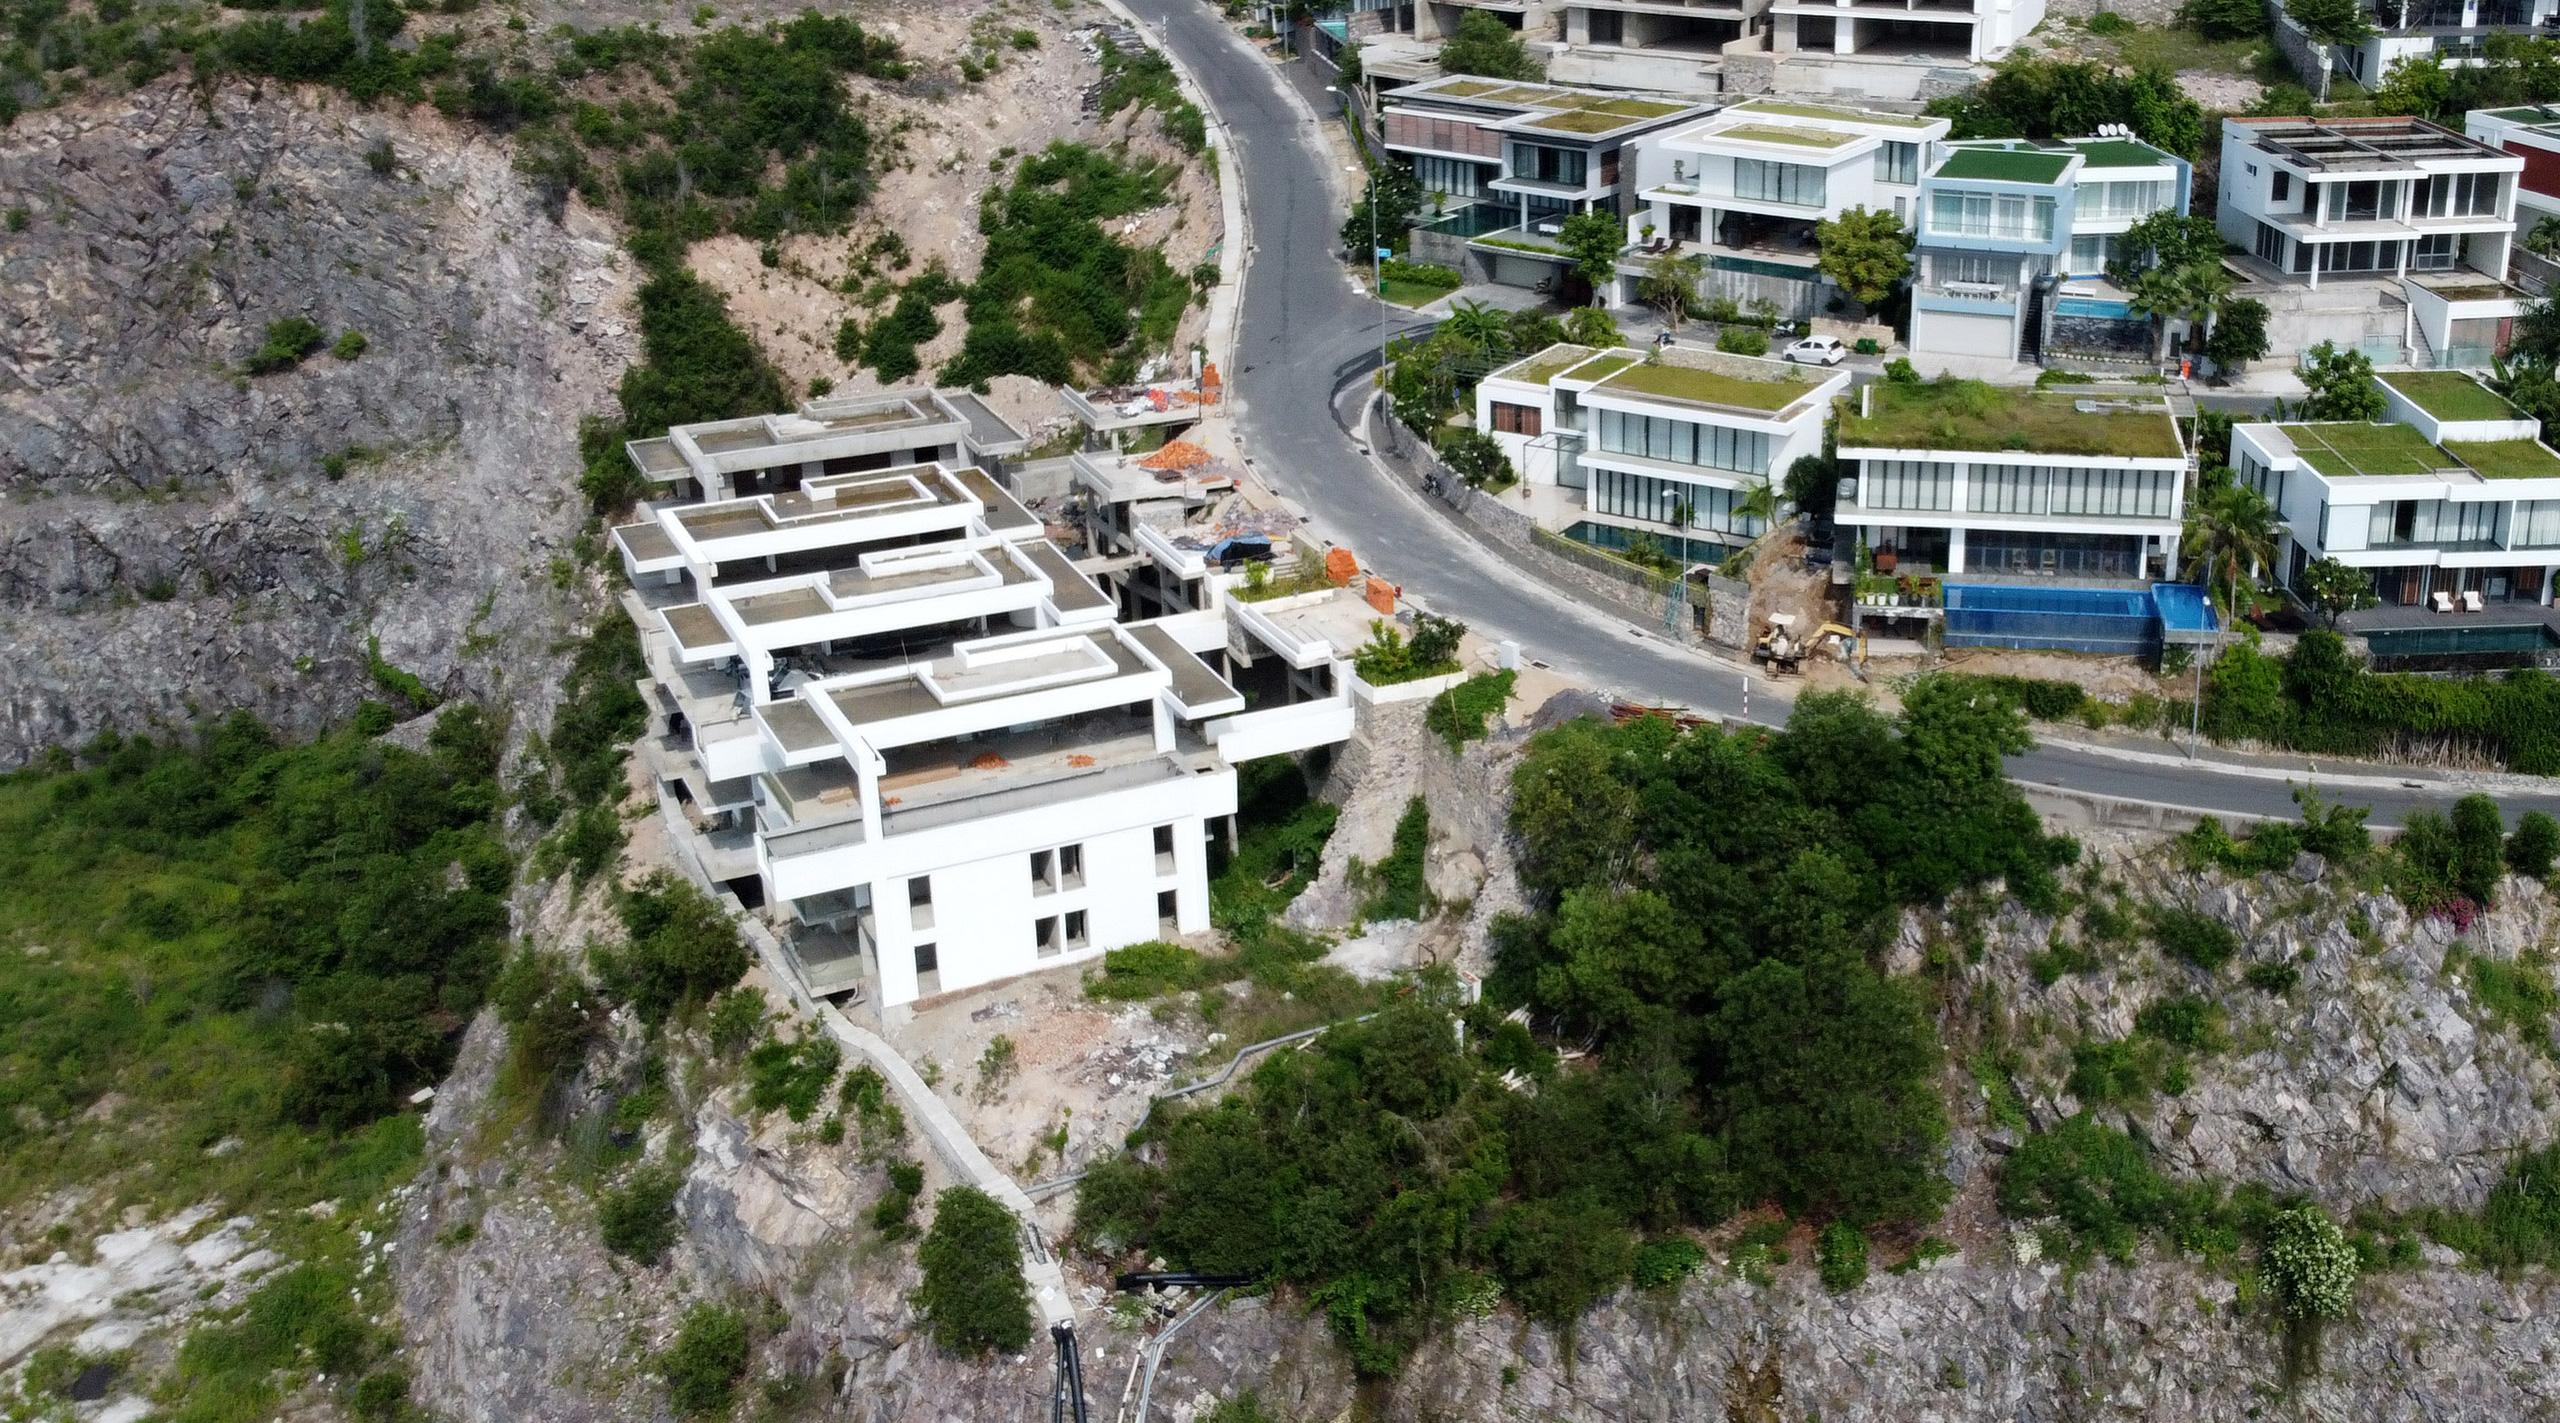 Nha Trang: Xẻ núi xây biệt thự triệu đô - Ảnh 10.